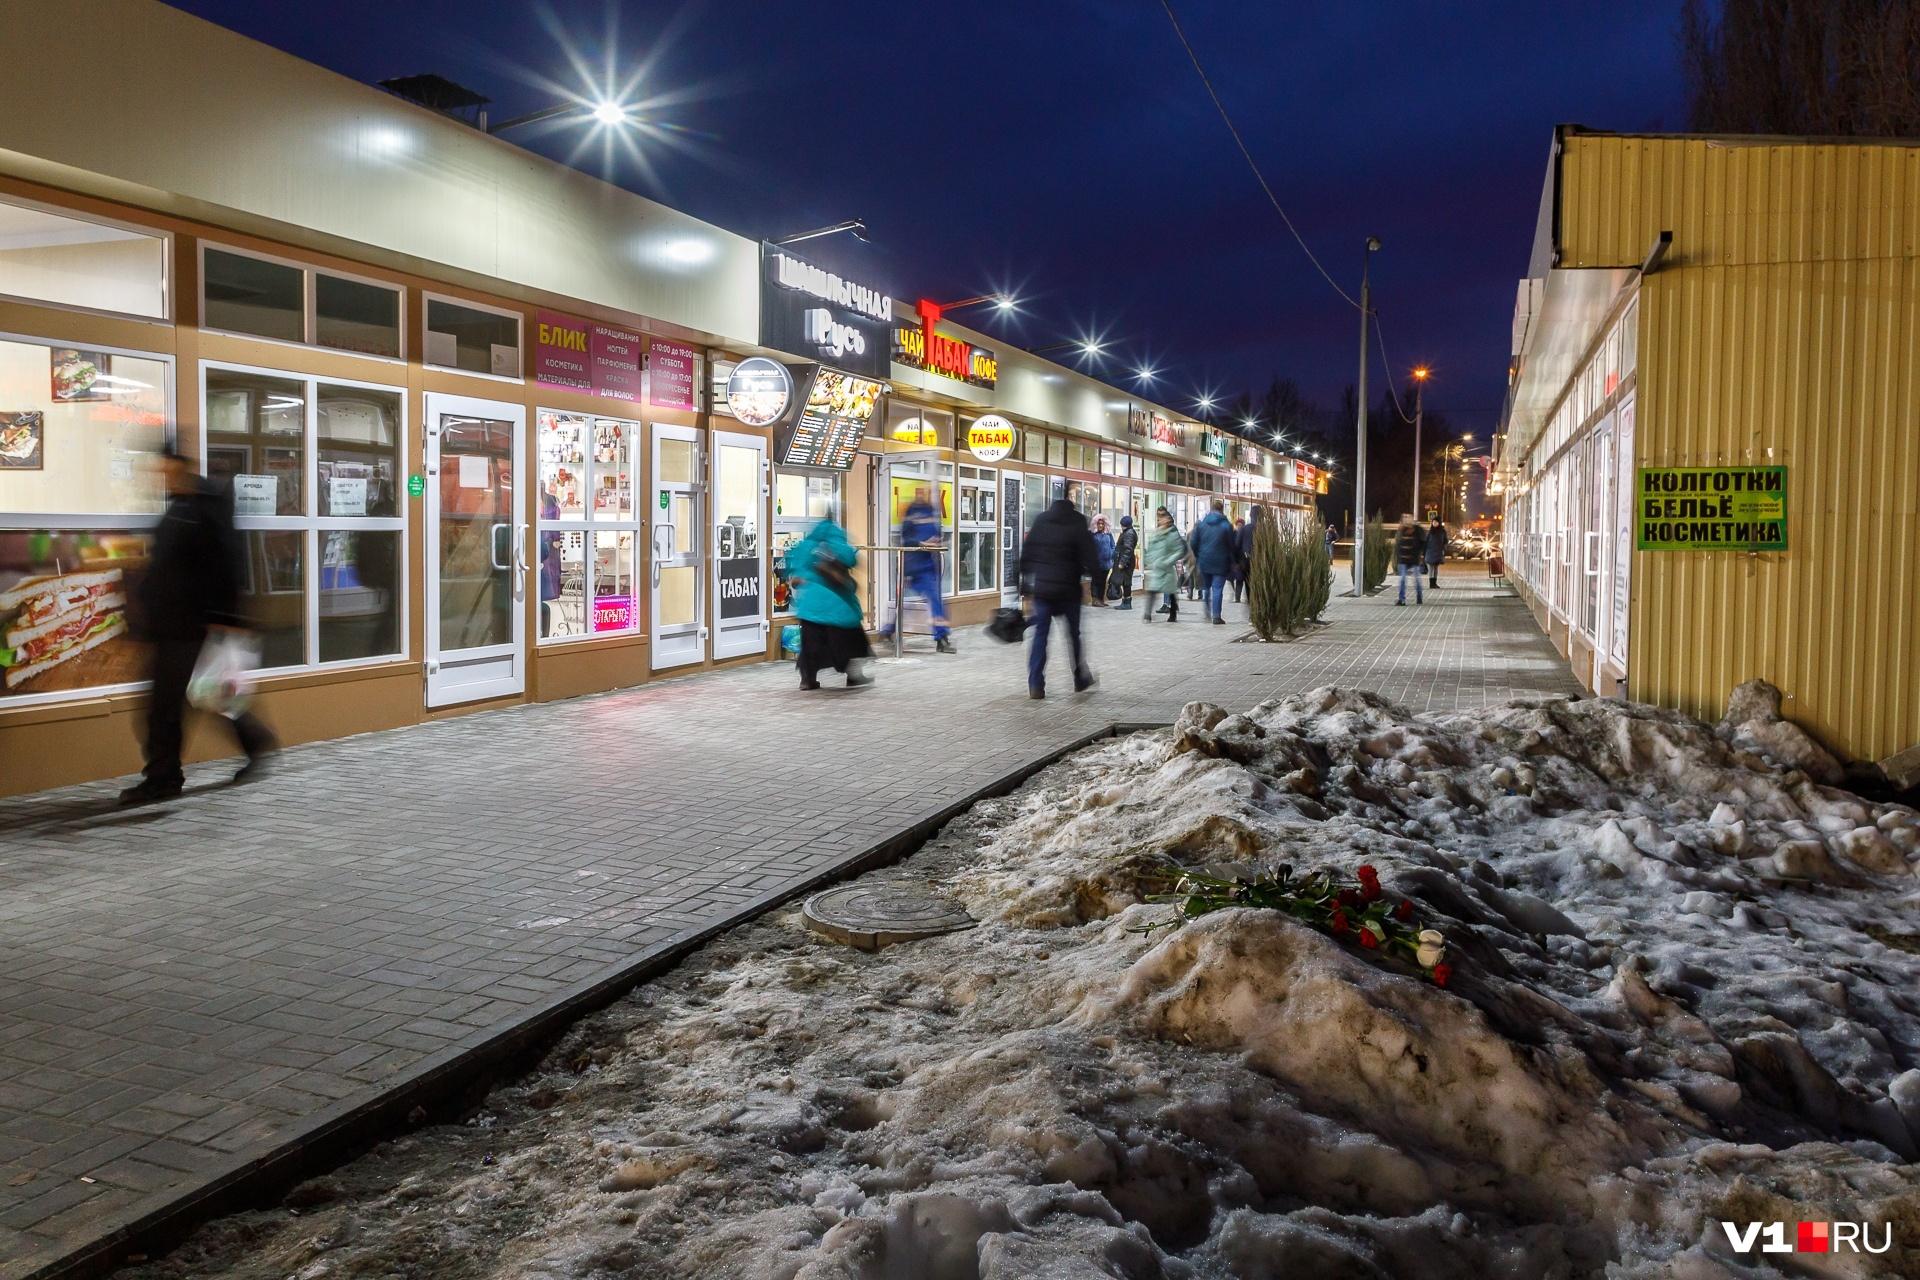 Смертельный удар в шею подросток получил в тесном проходе на Новодвинской